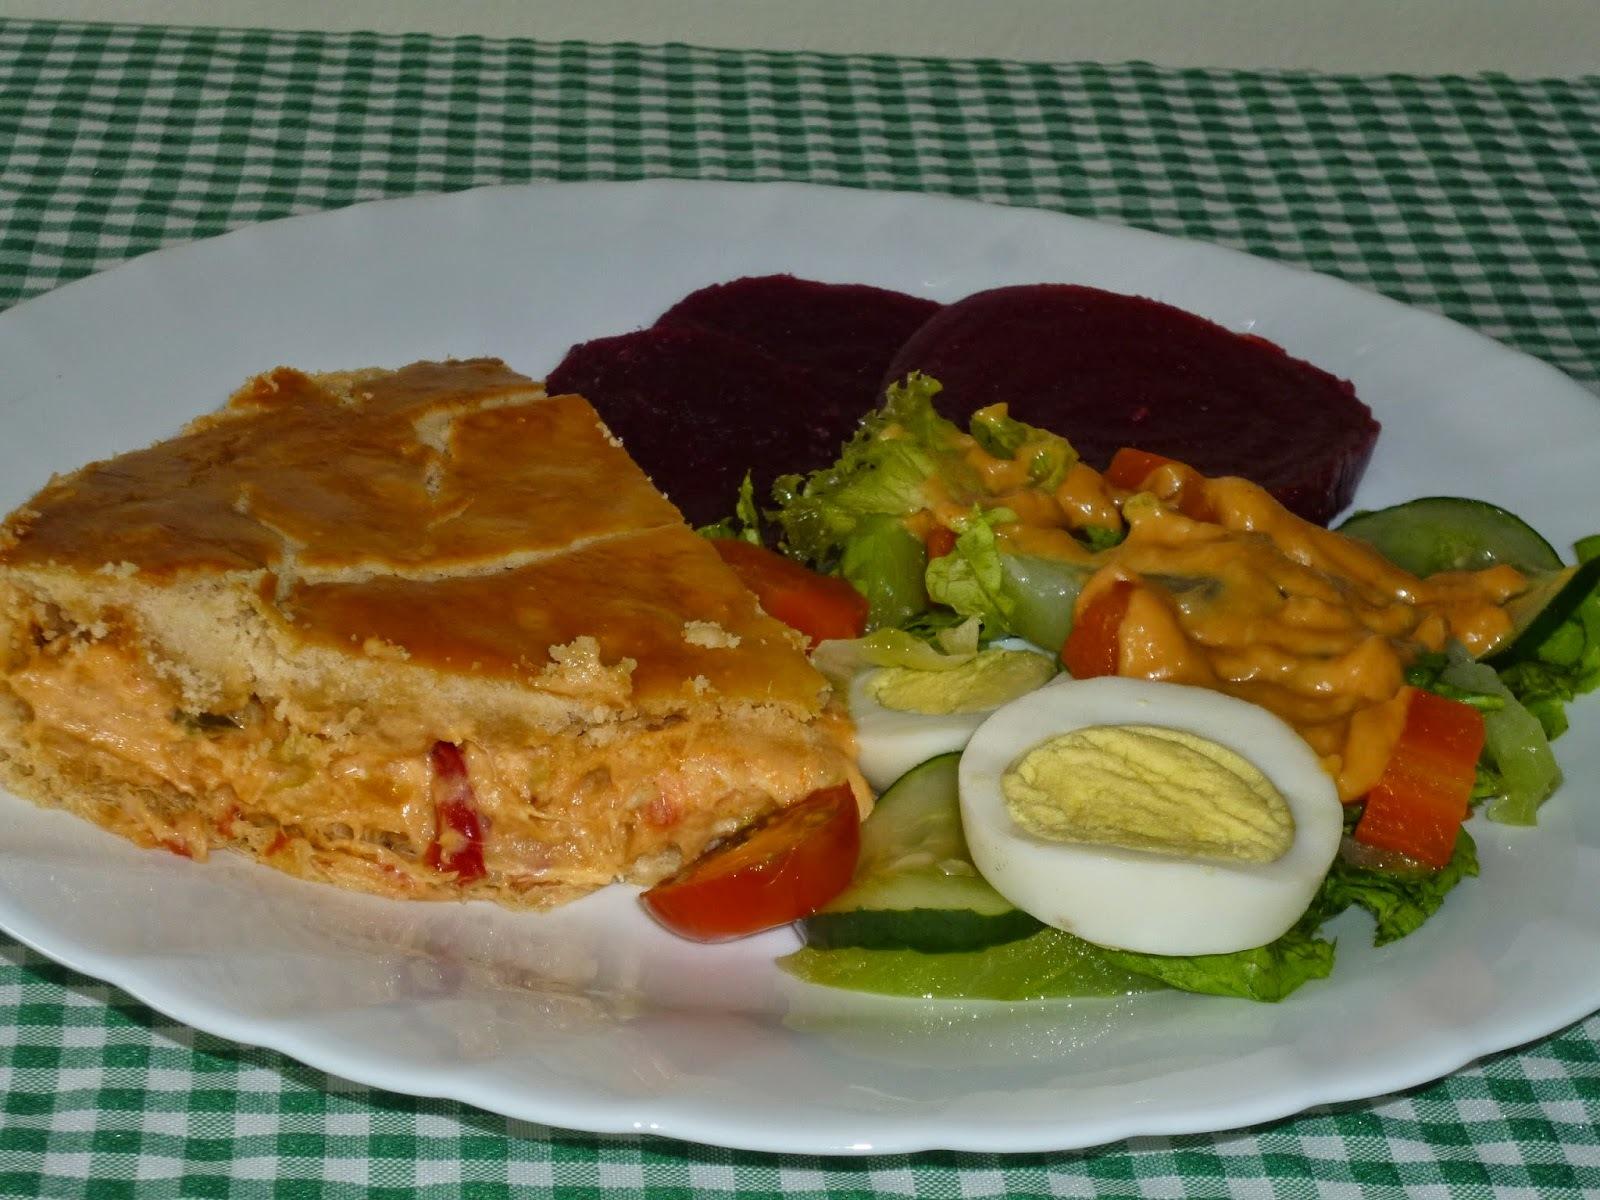 EMPADÃO DE BACALHAU COM CREAM CHEESE e saladinha de legumes com um molho delicioso